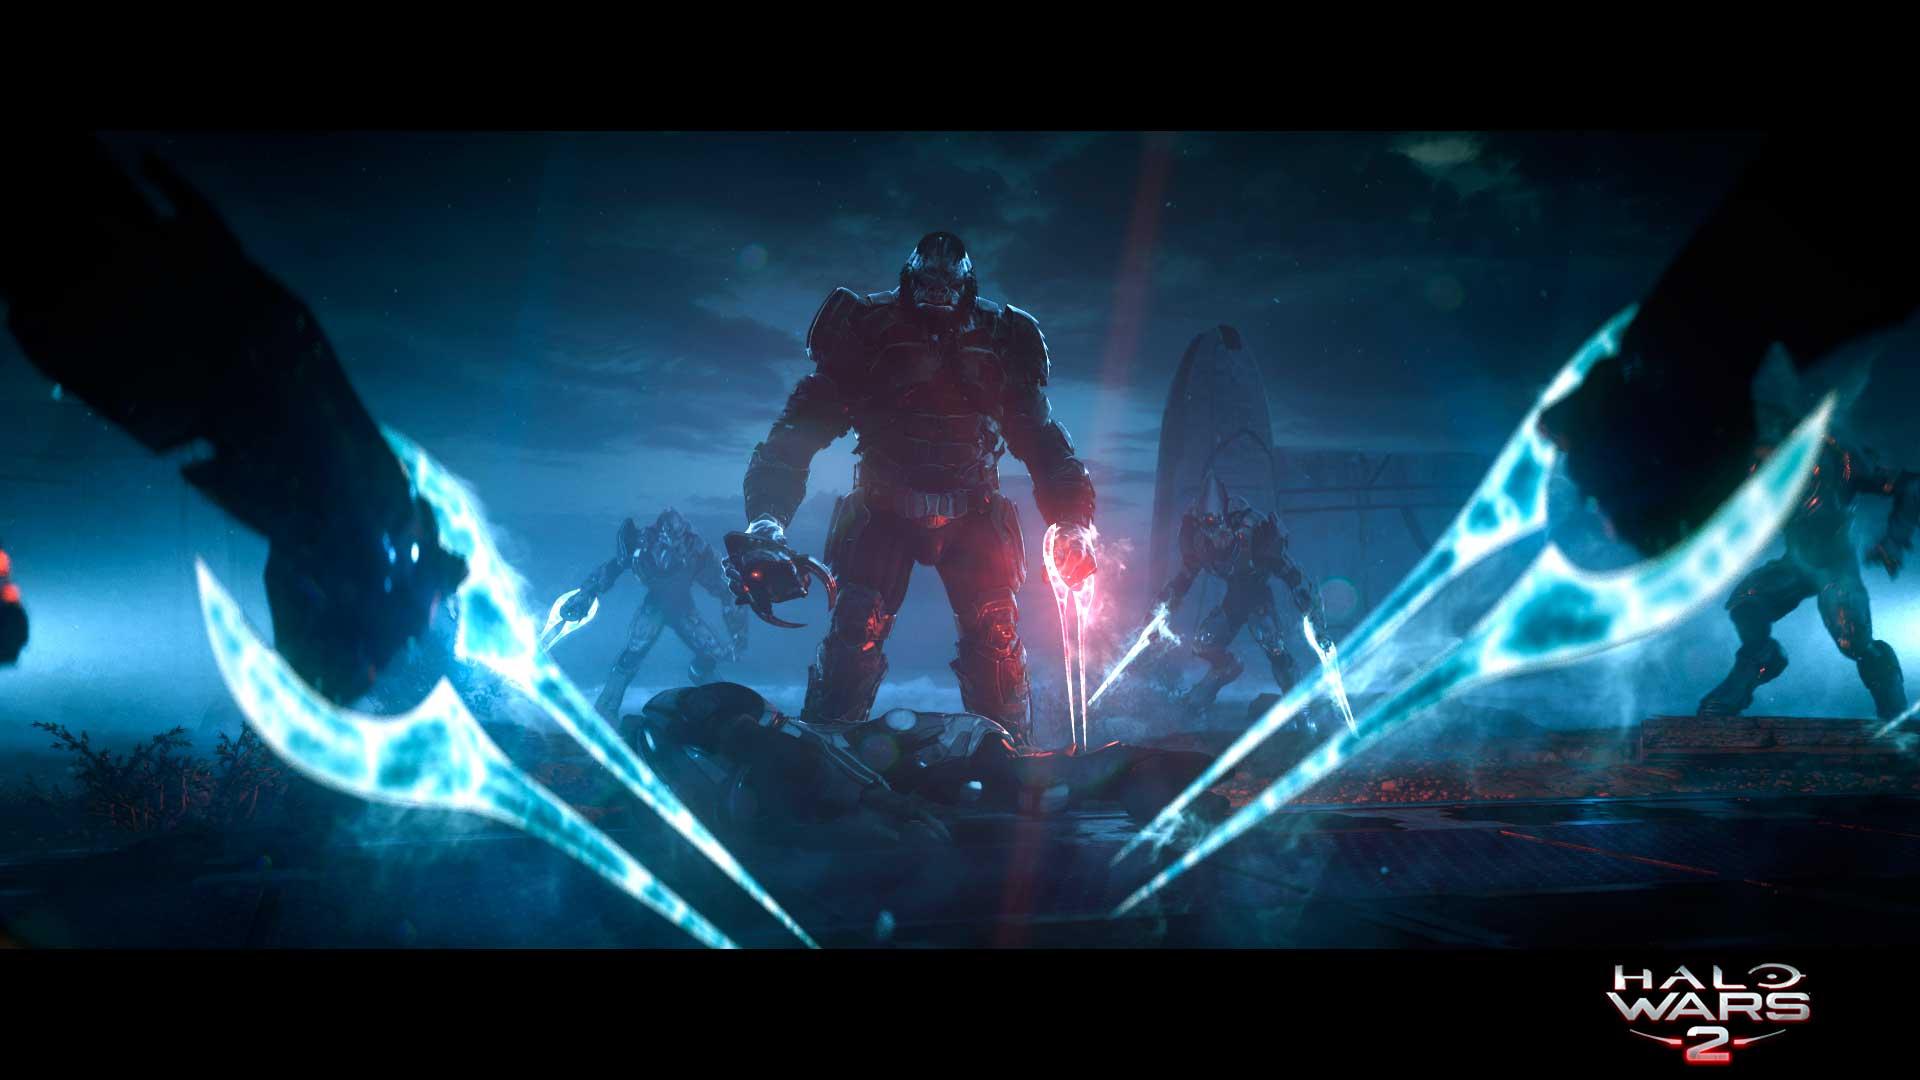 Análisis de Halo Wars 2 en Xbox One y Windows 10 1